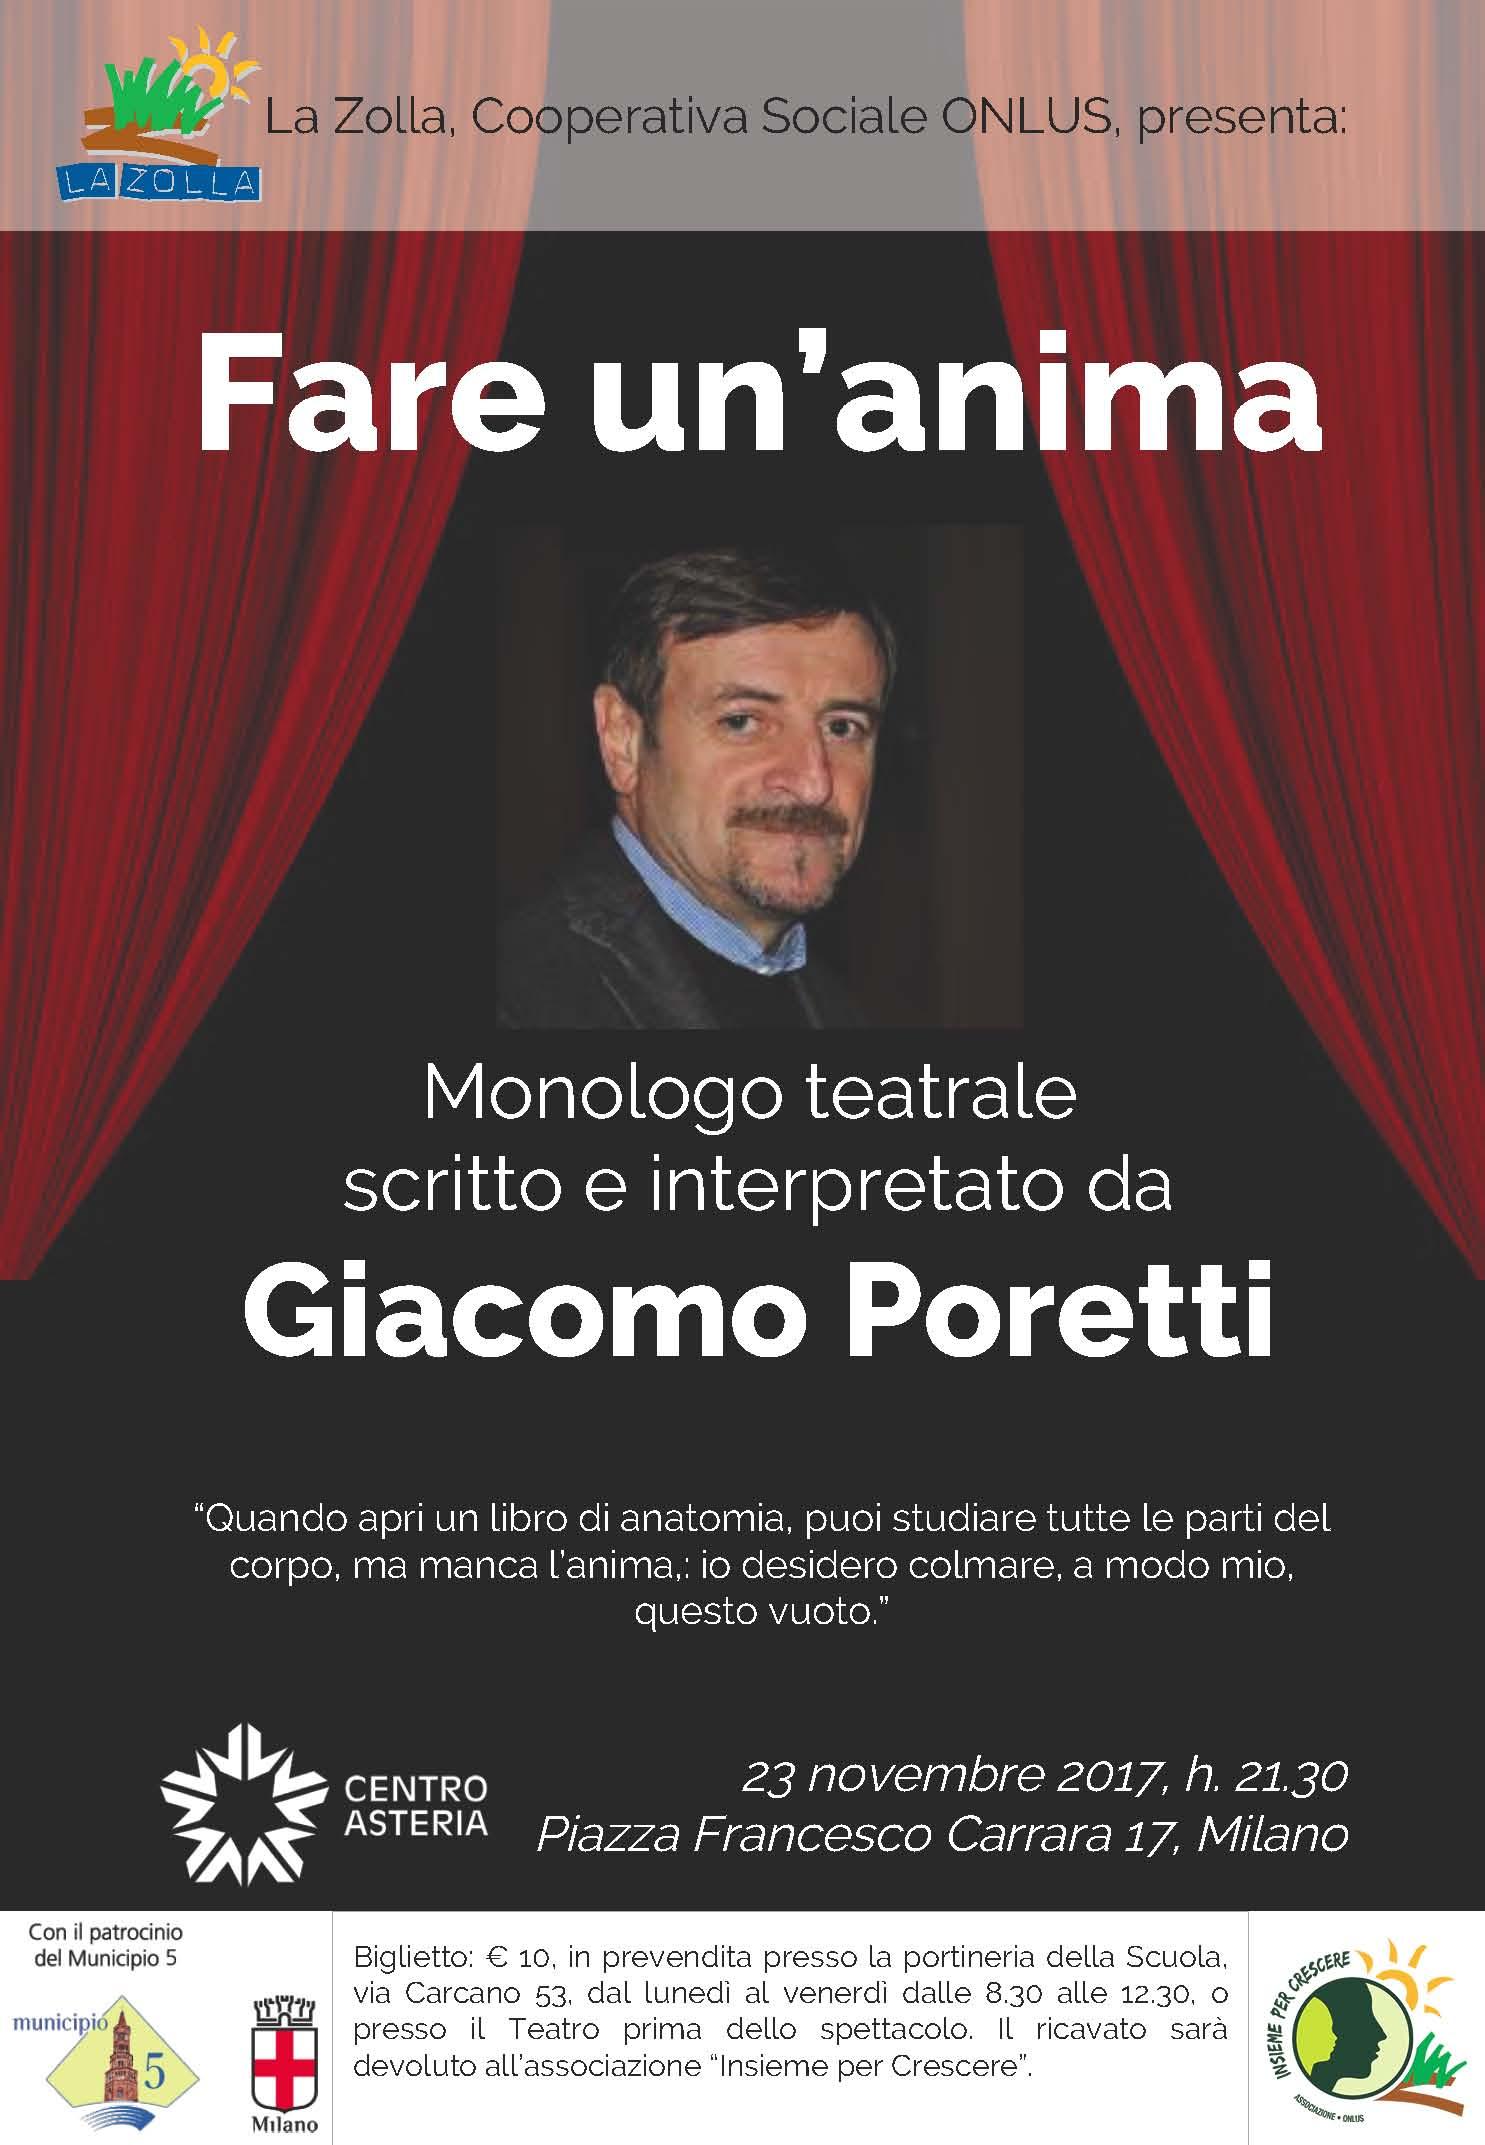 Fare un'anima, Giacomo Poretti